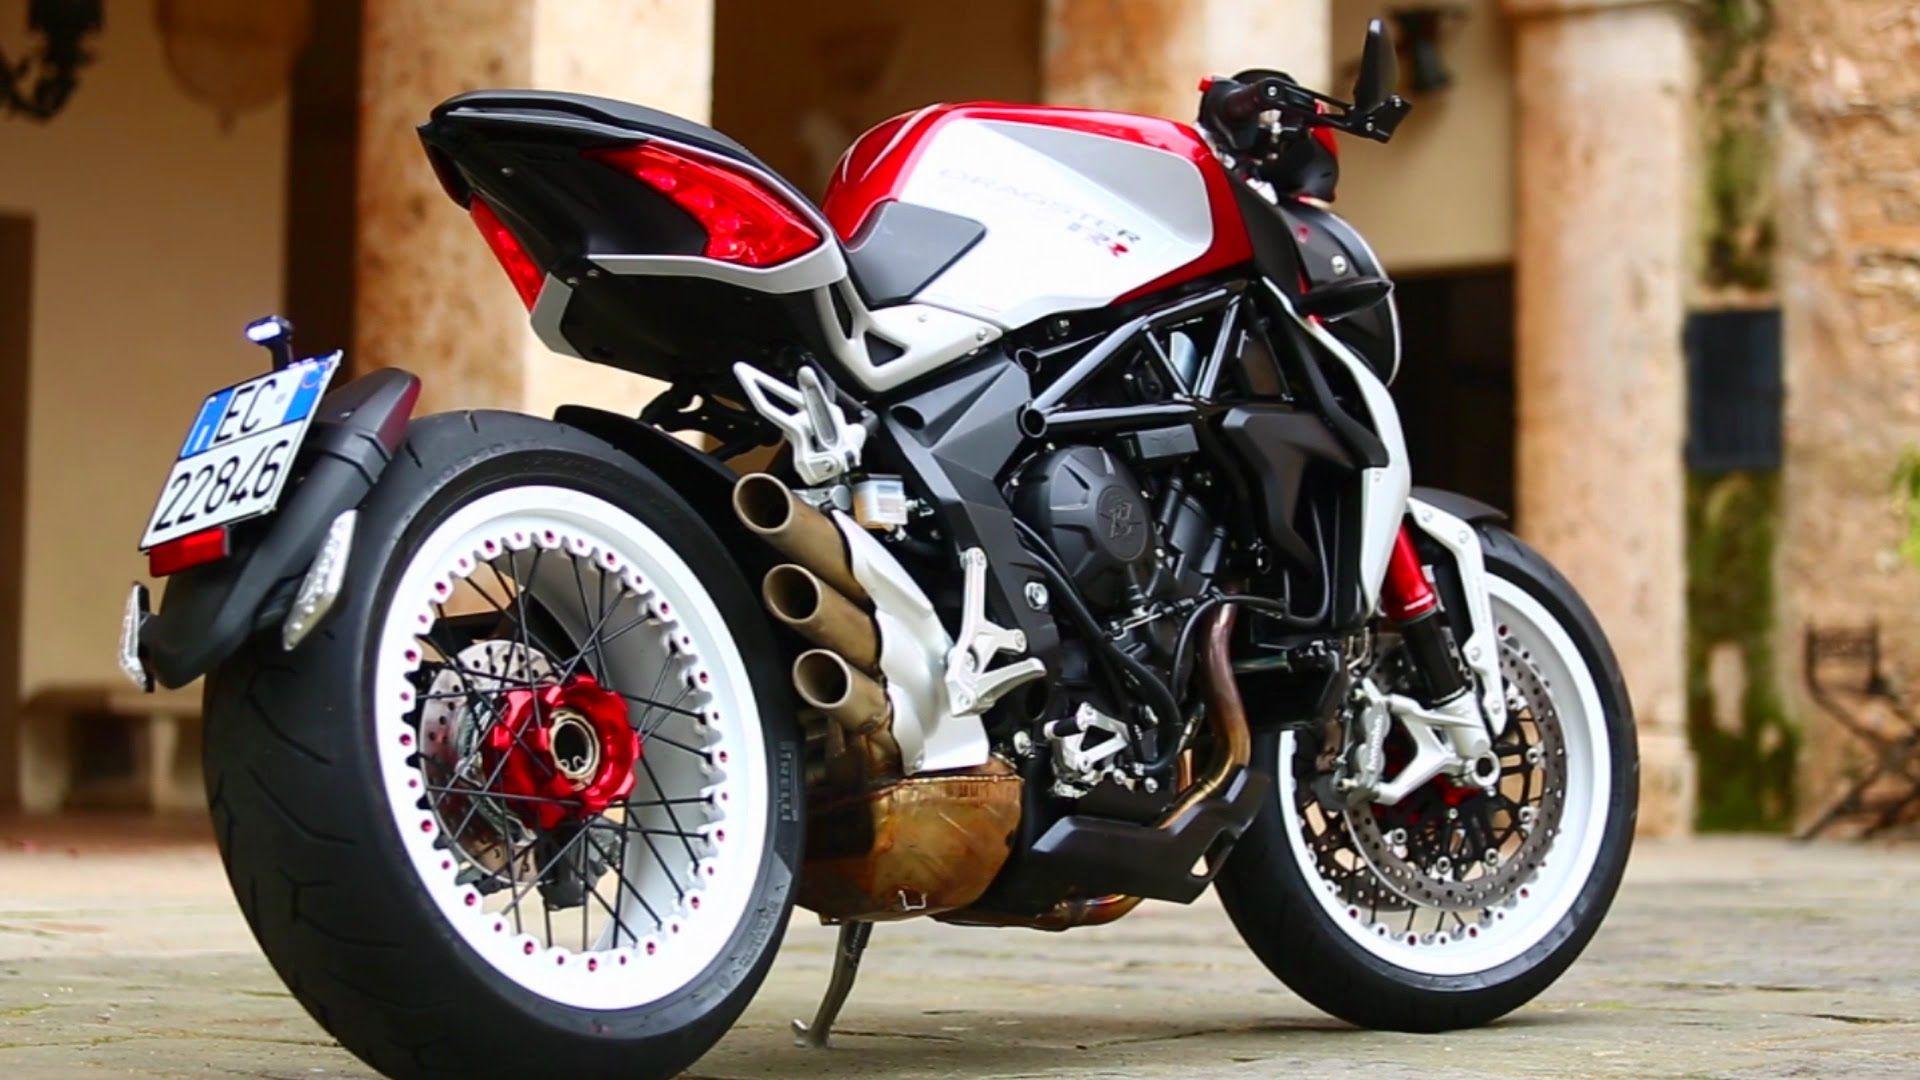 Mv Agusta Brutale 800 Rr Dragster Moto Bike Mv Agusta Dragster Riding Motorcycle